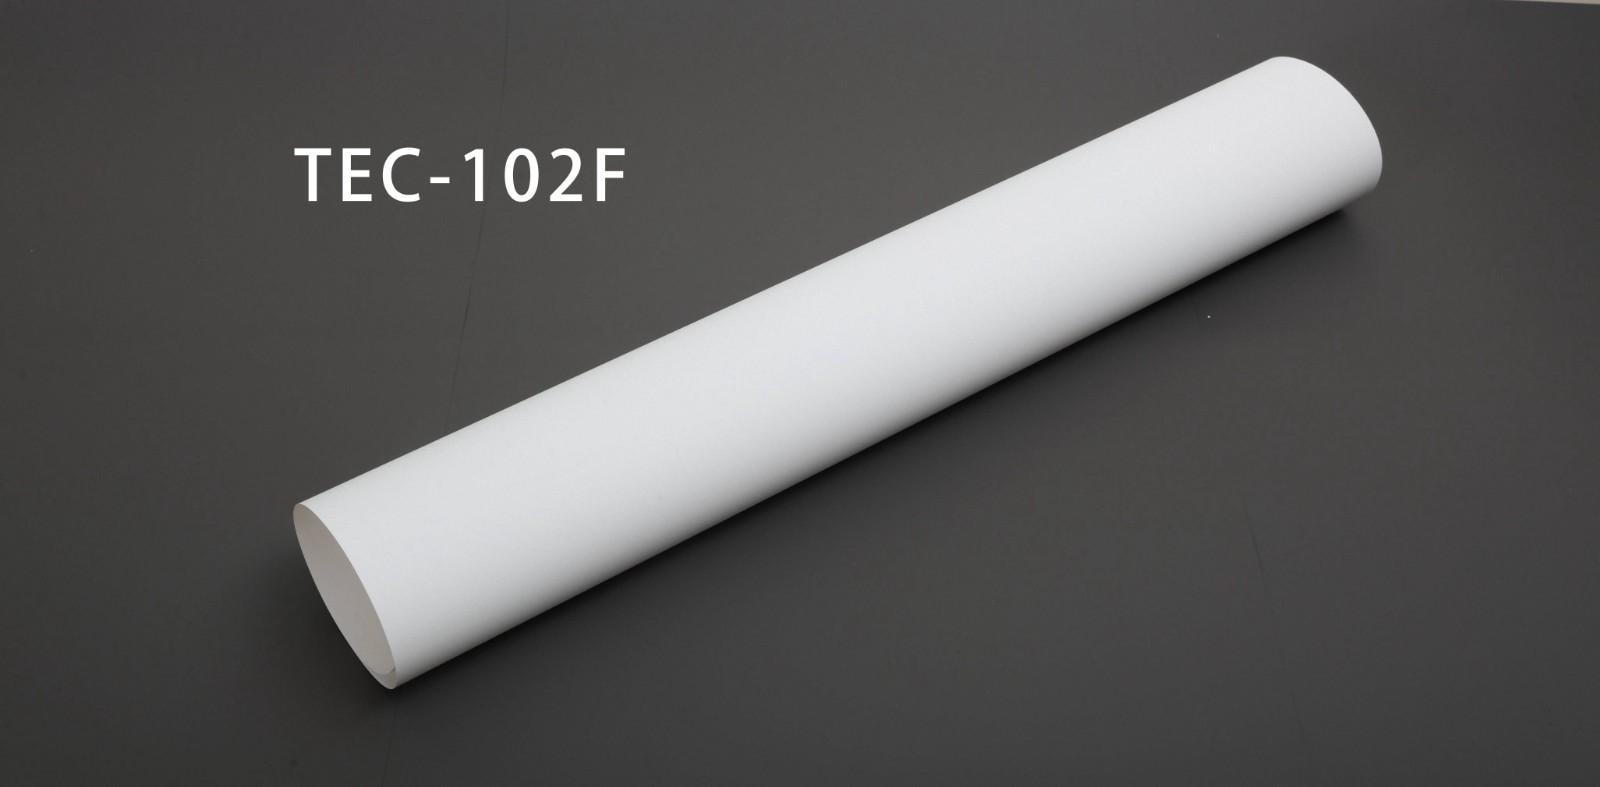 TEC-102F